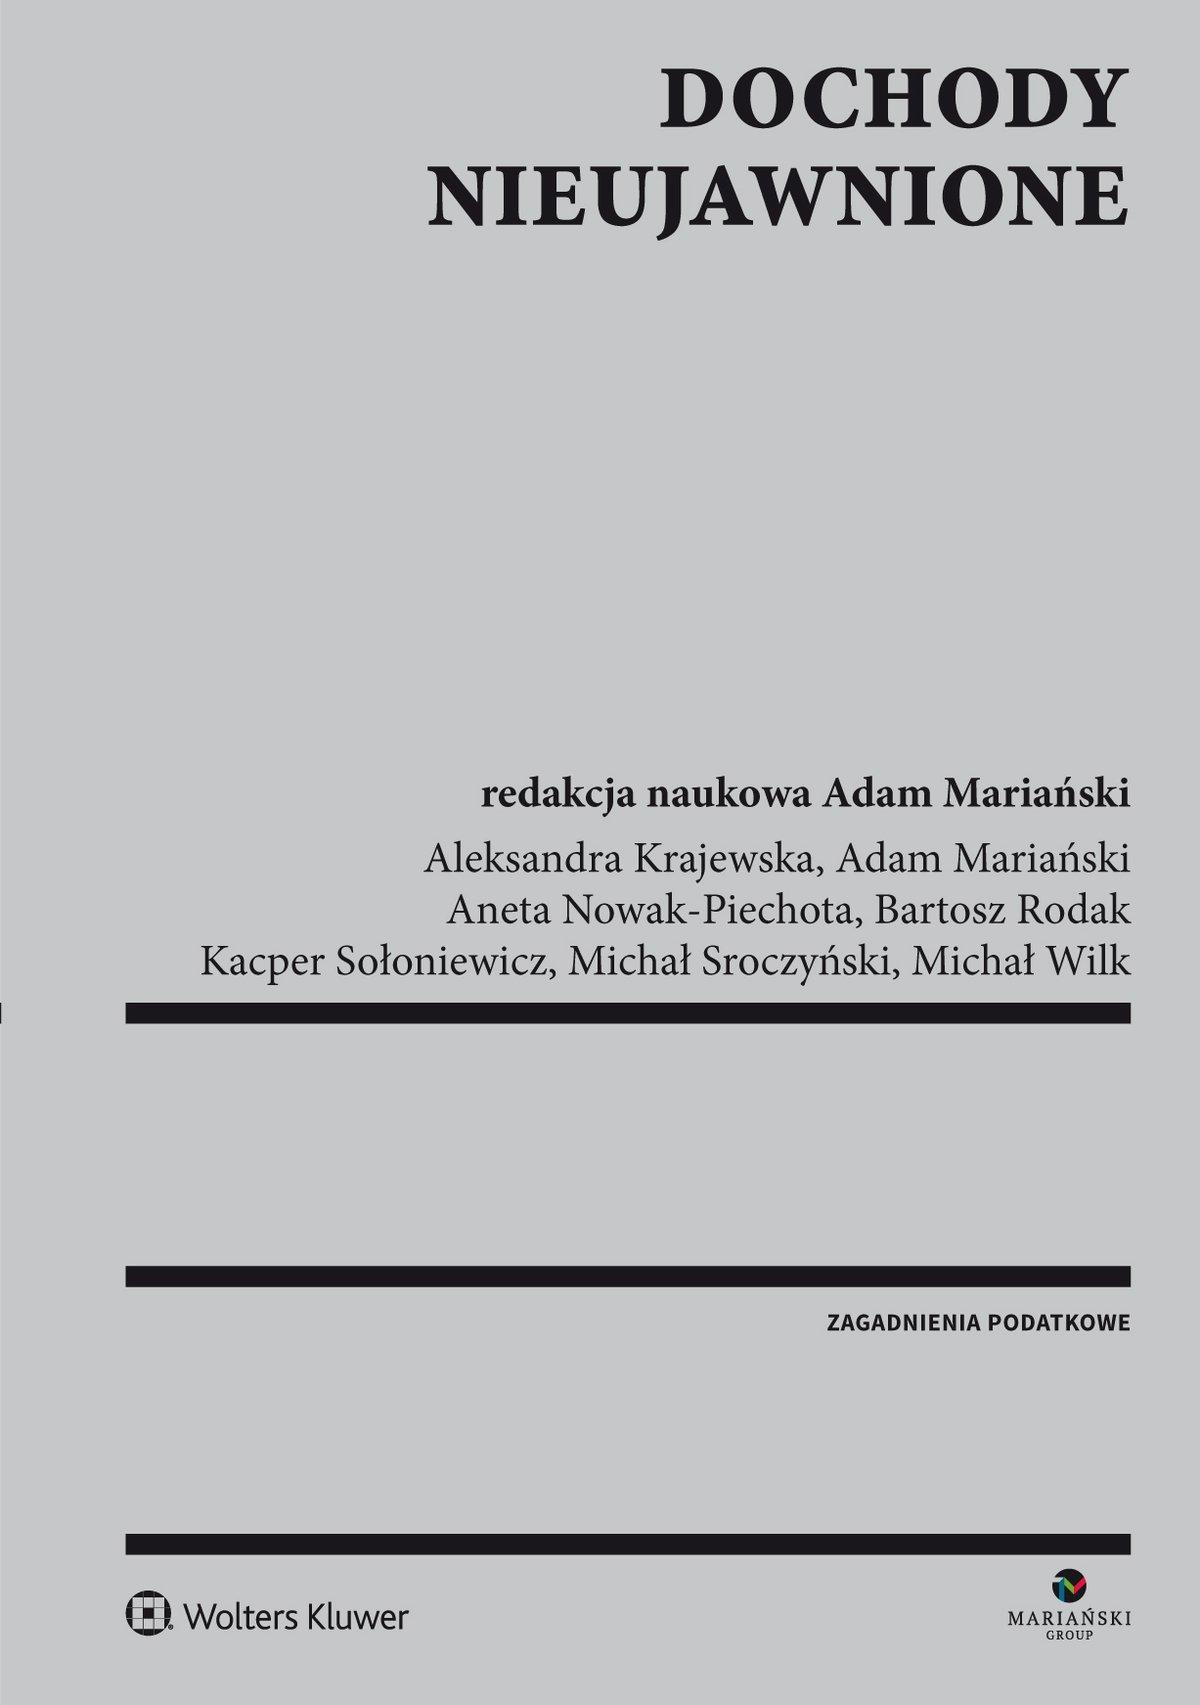 Dochody nieujawnione - Ebook (Książka PDF) do pobrania w formacie PDF